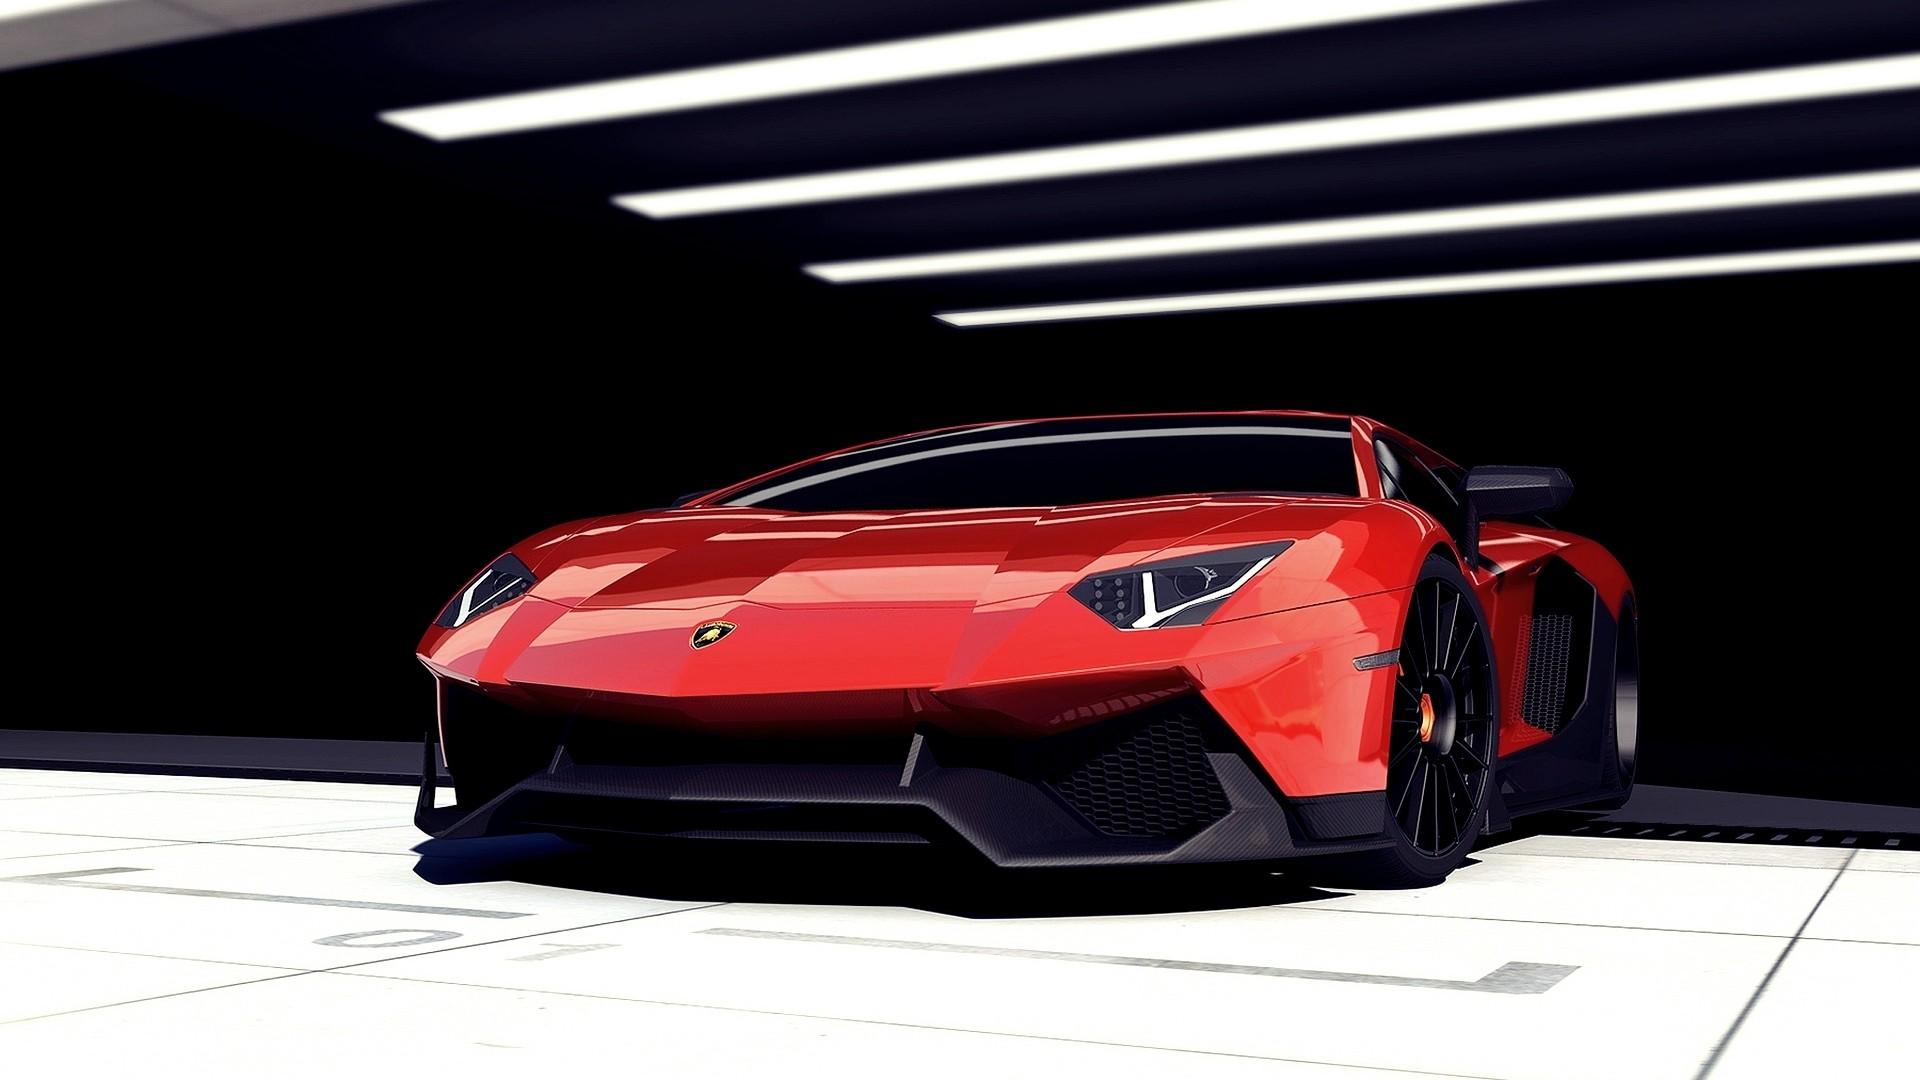 Lamborghini clipart lamborghini aventador Lamborghini 4 size lp700 View